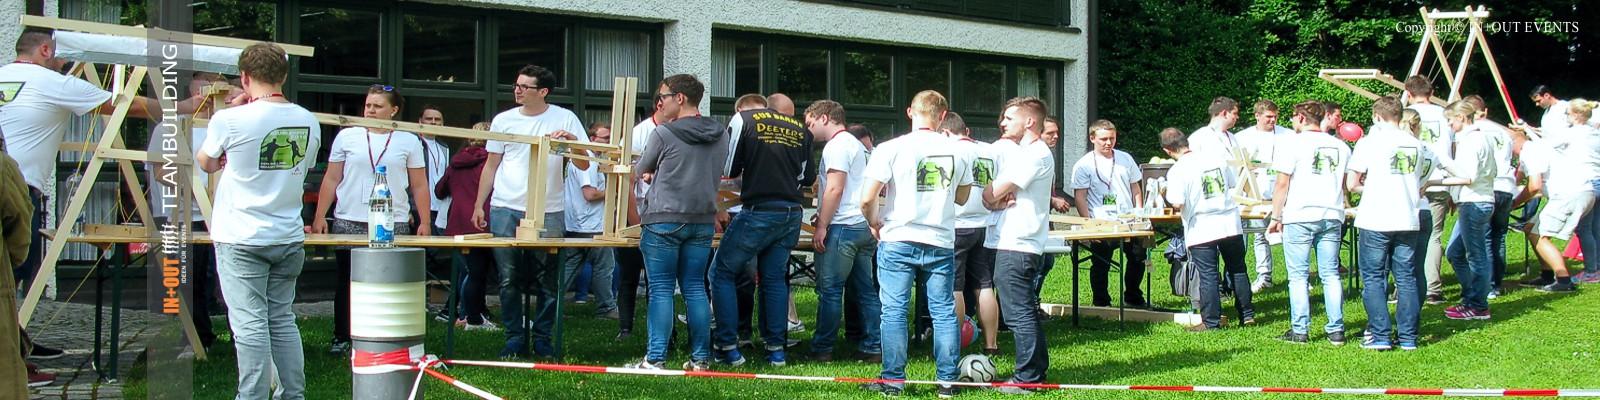 Kettereaktion Teambuilding Event